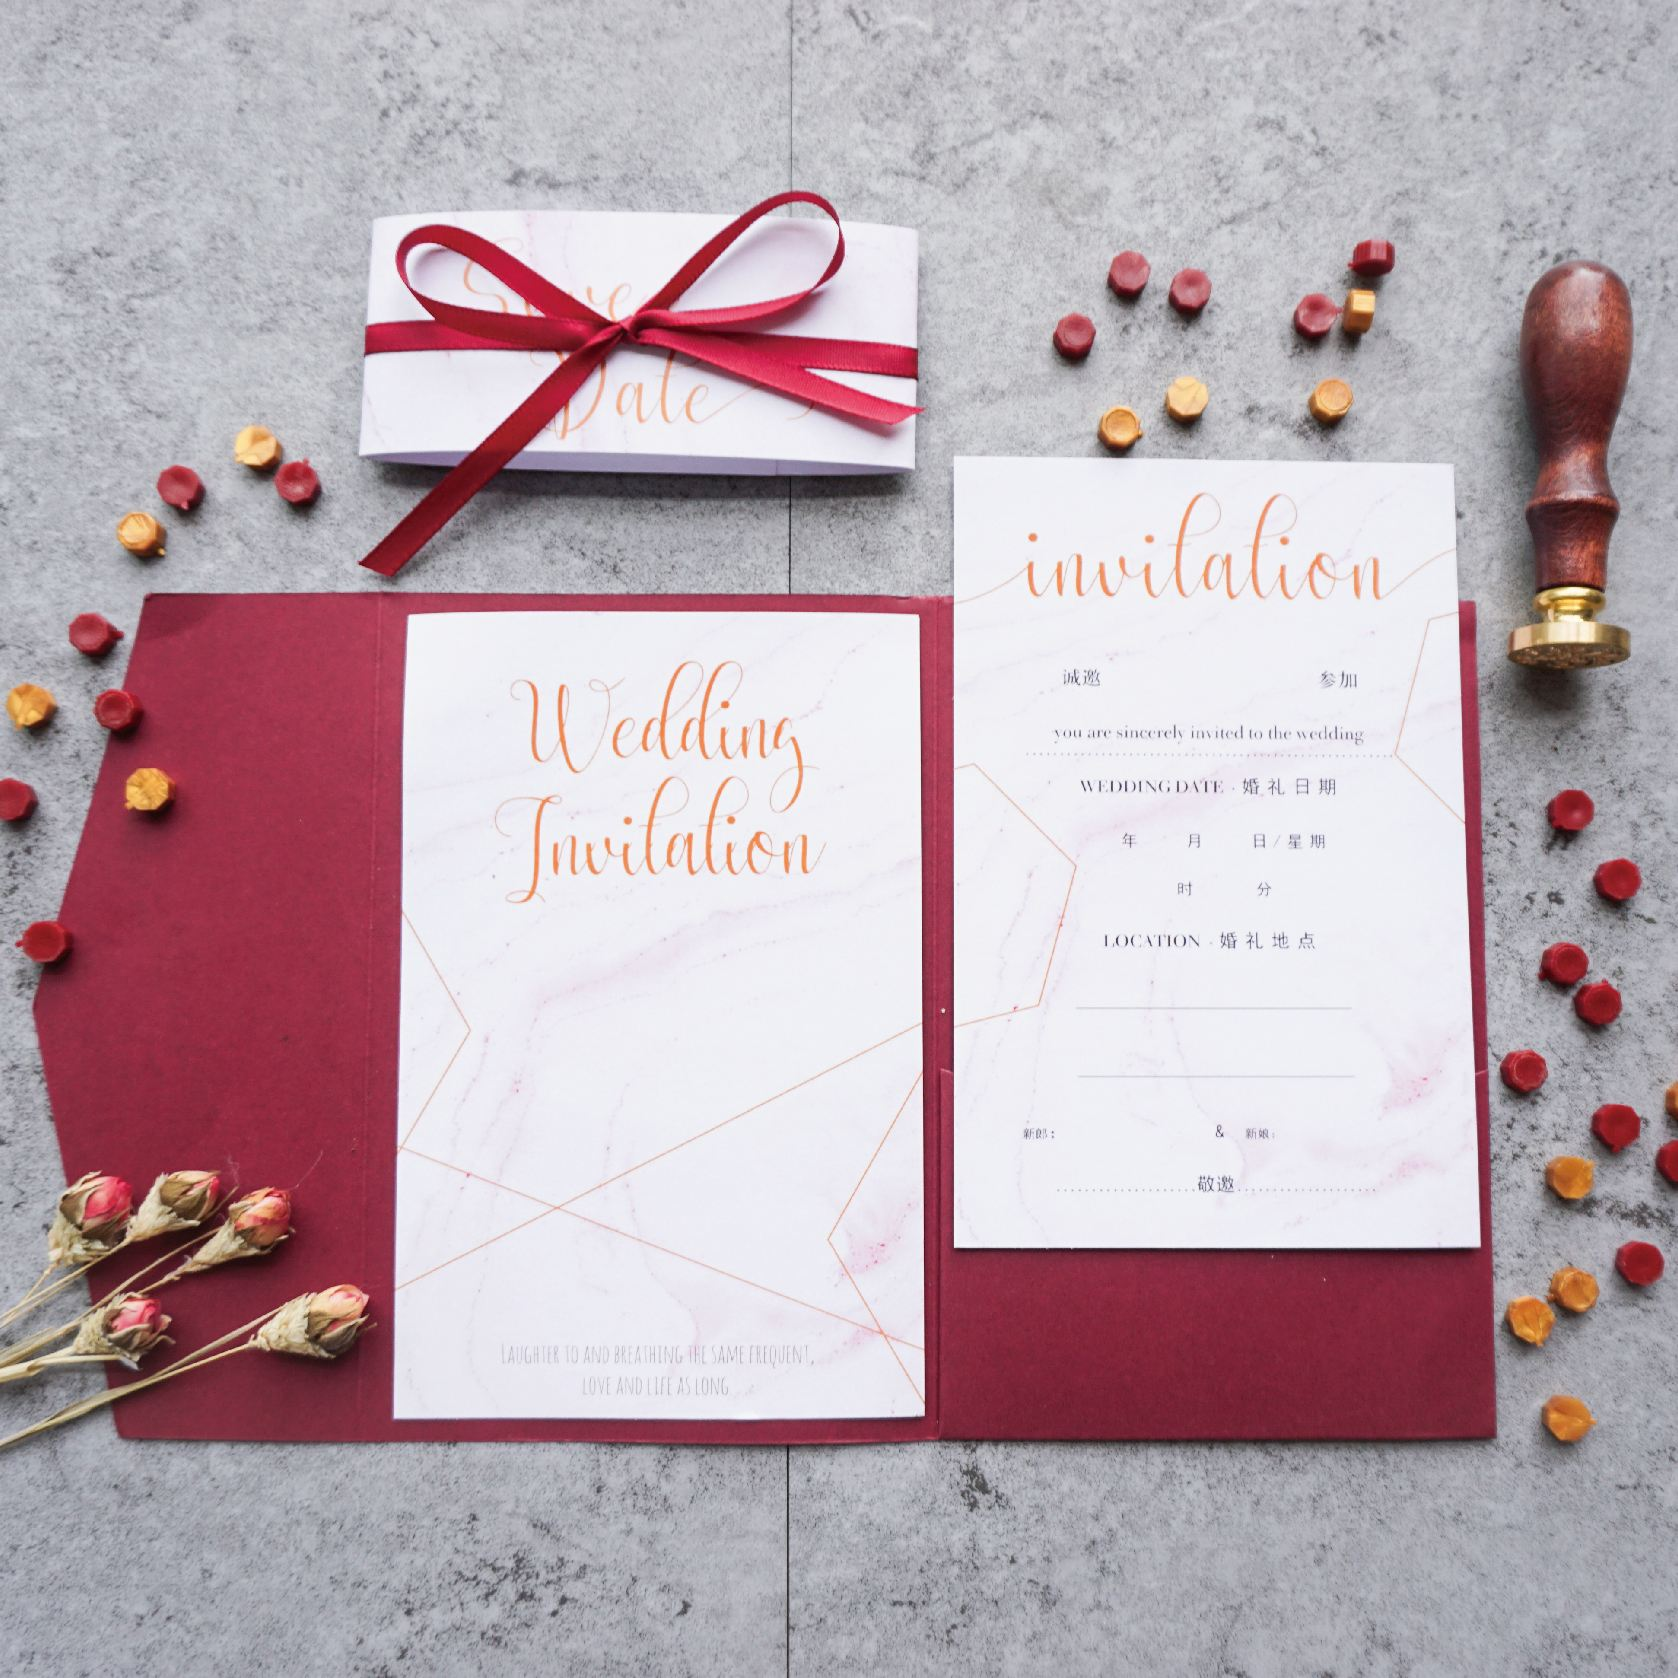 结婚电子请柬怎么制作呢?哪里有免费的婚礼邀请函